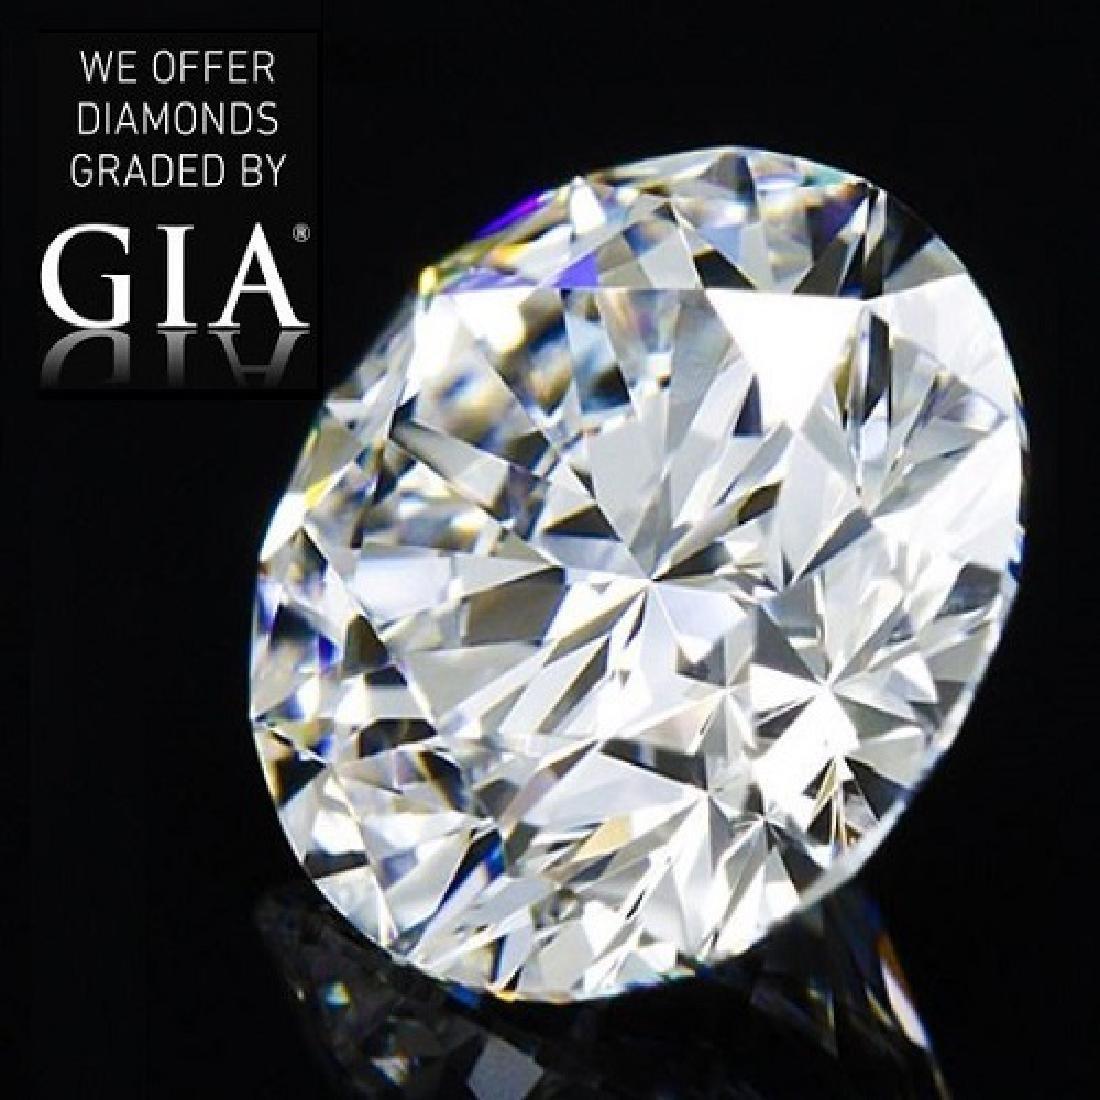 3.62 ct, Color H/VVS2, Round cut Diamond